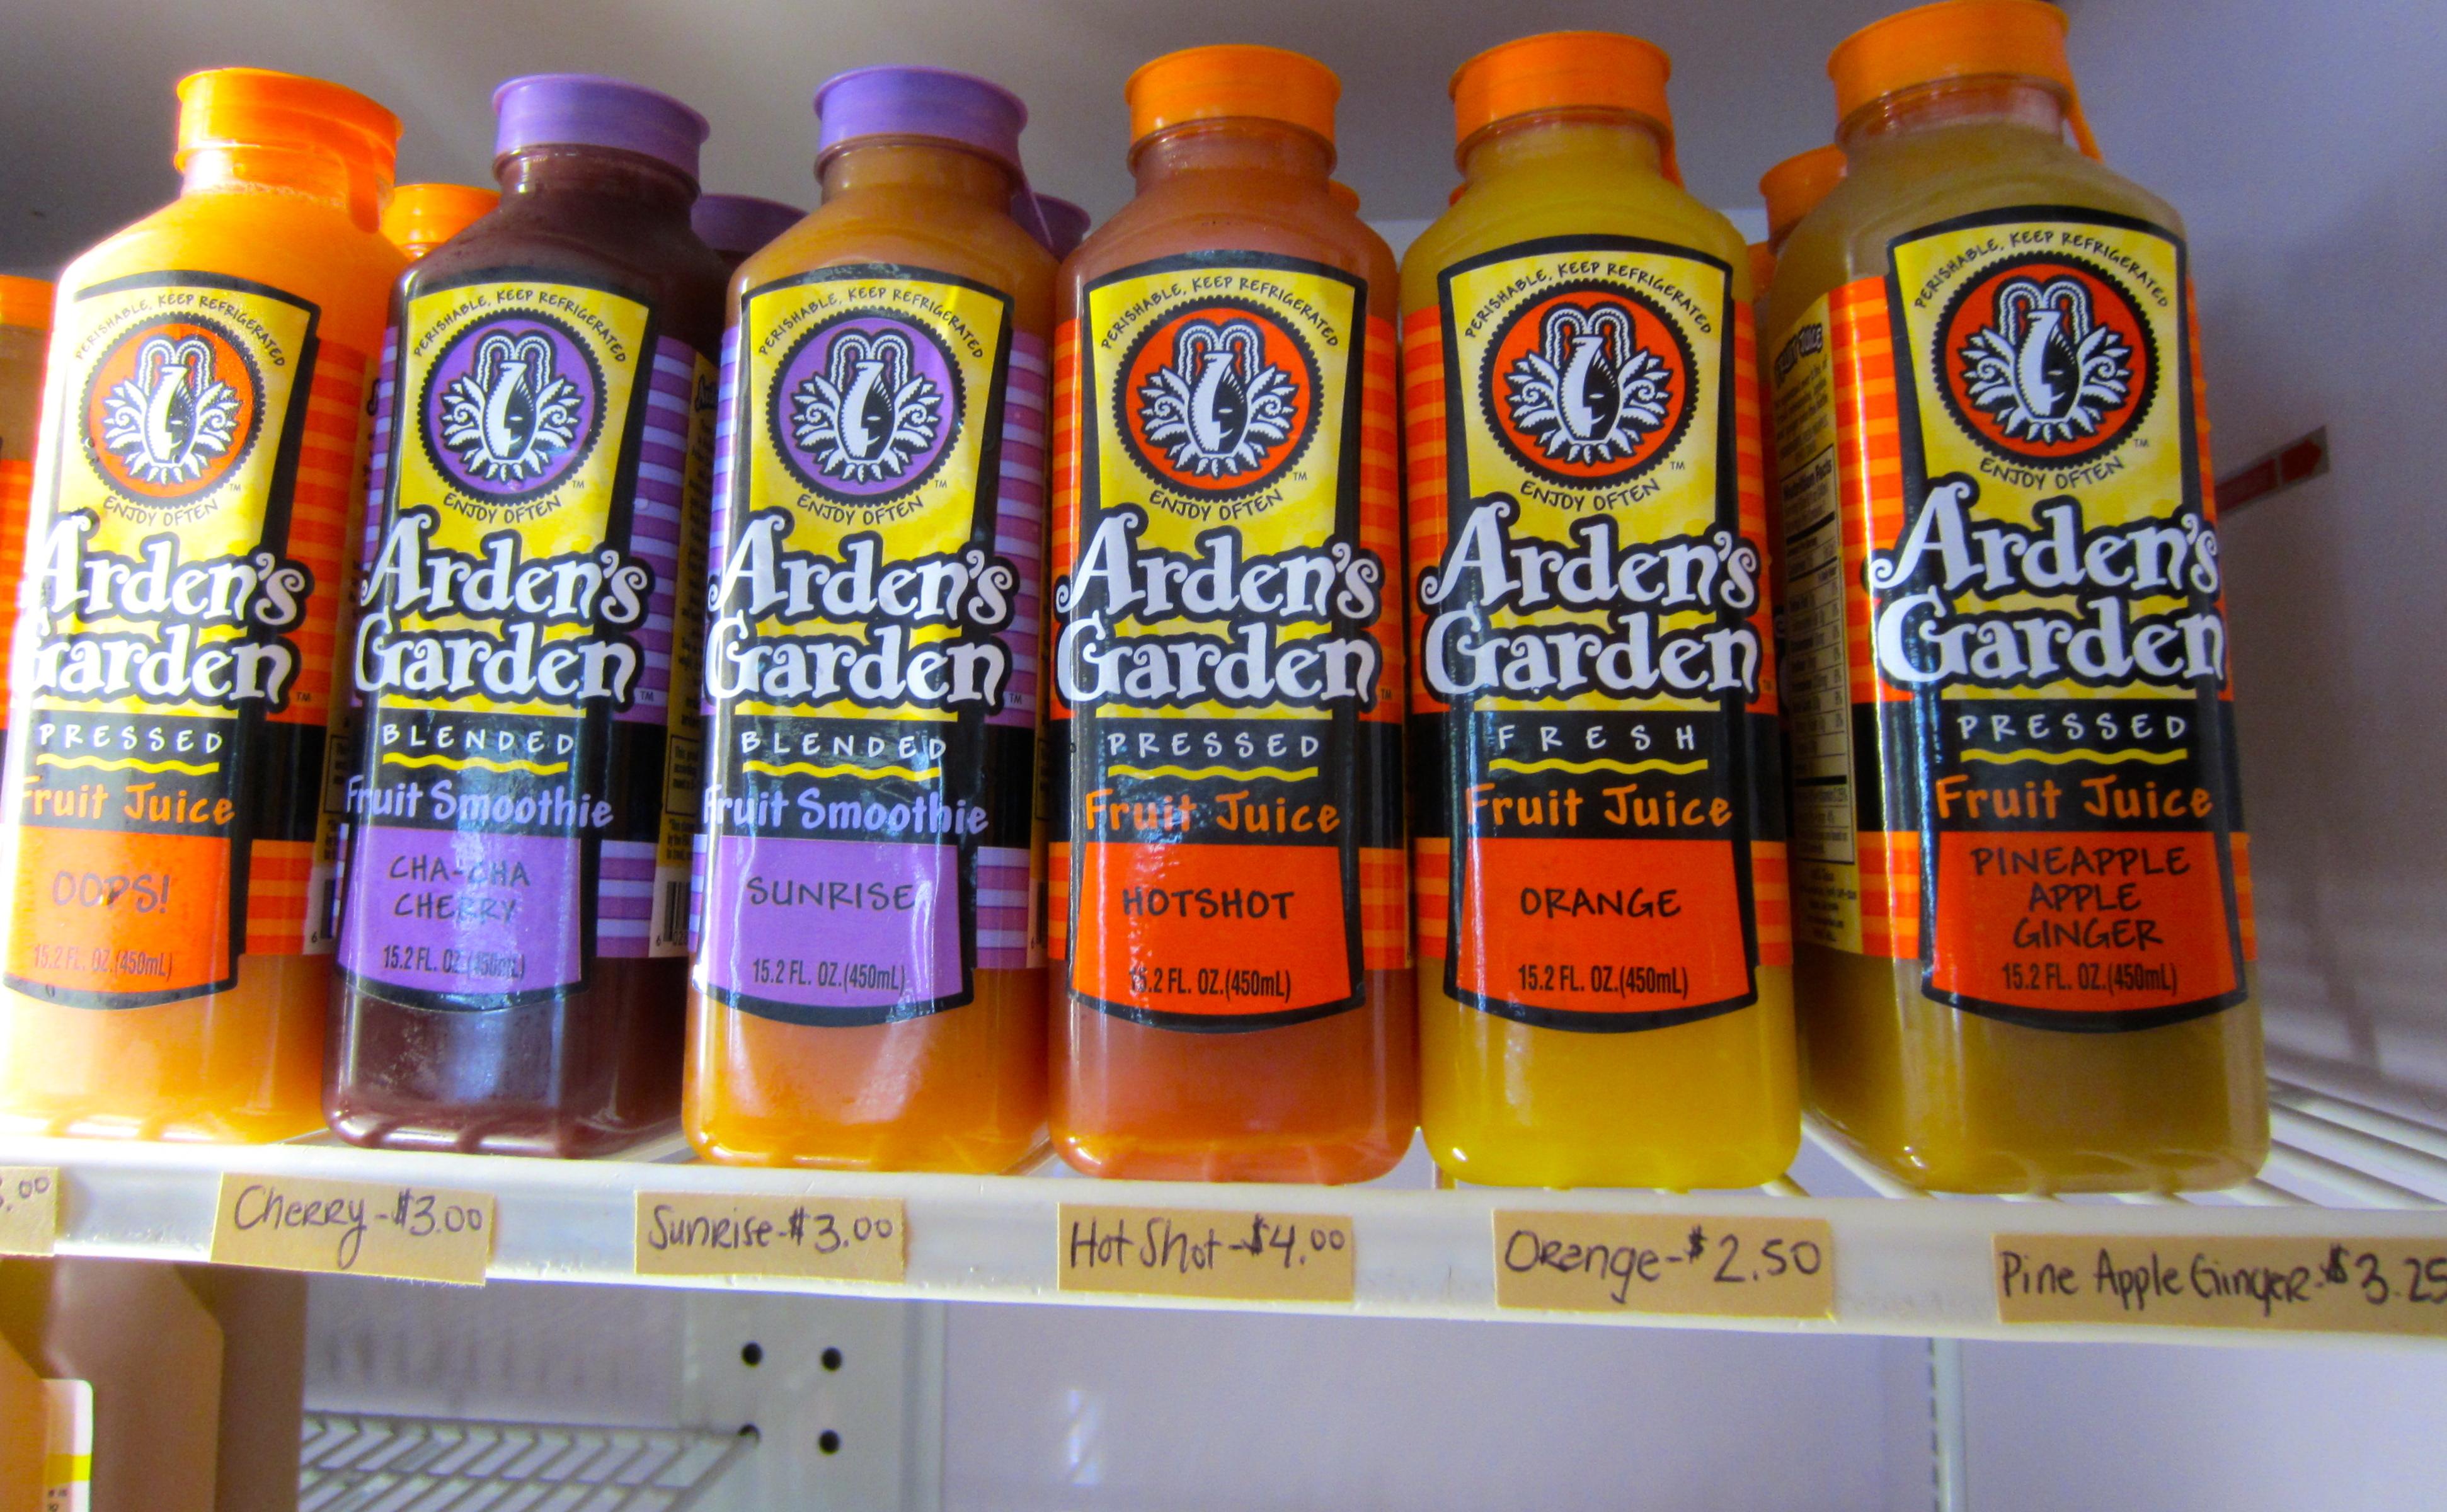 arden's garden juices